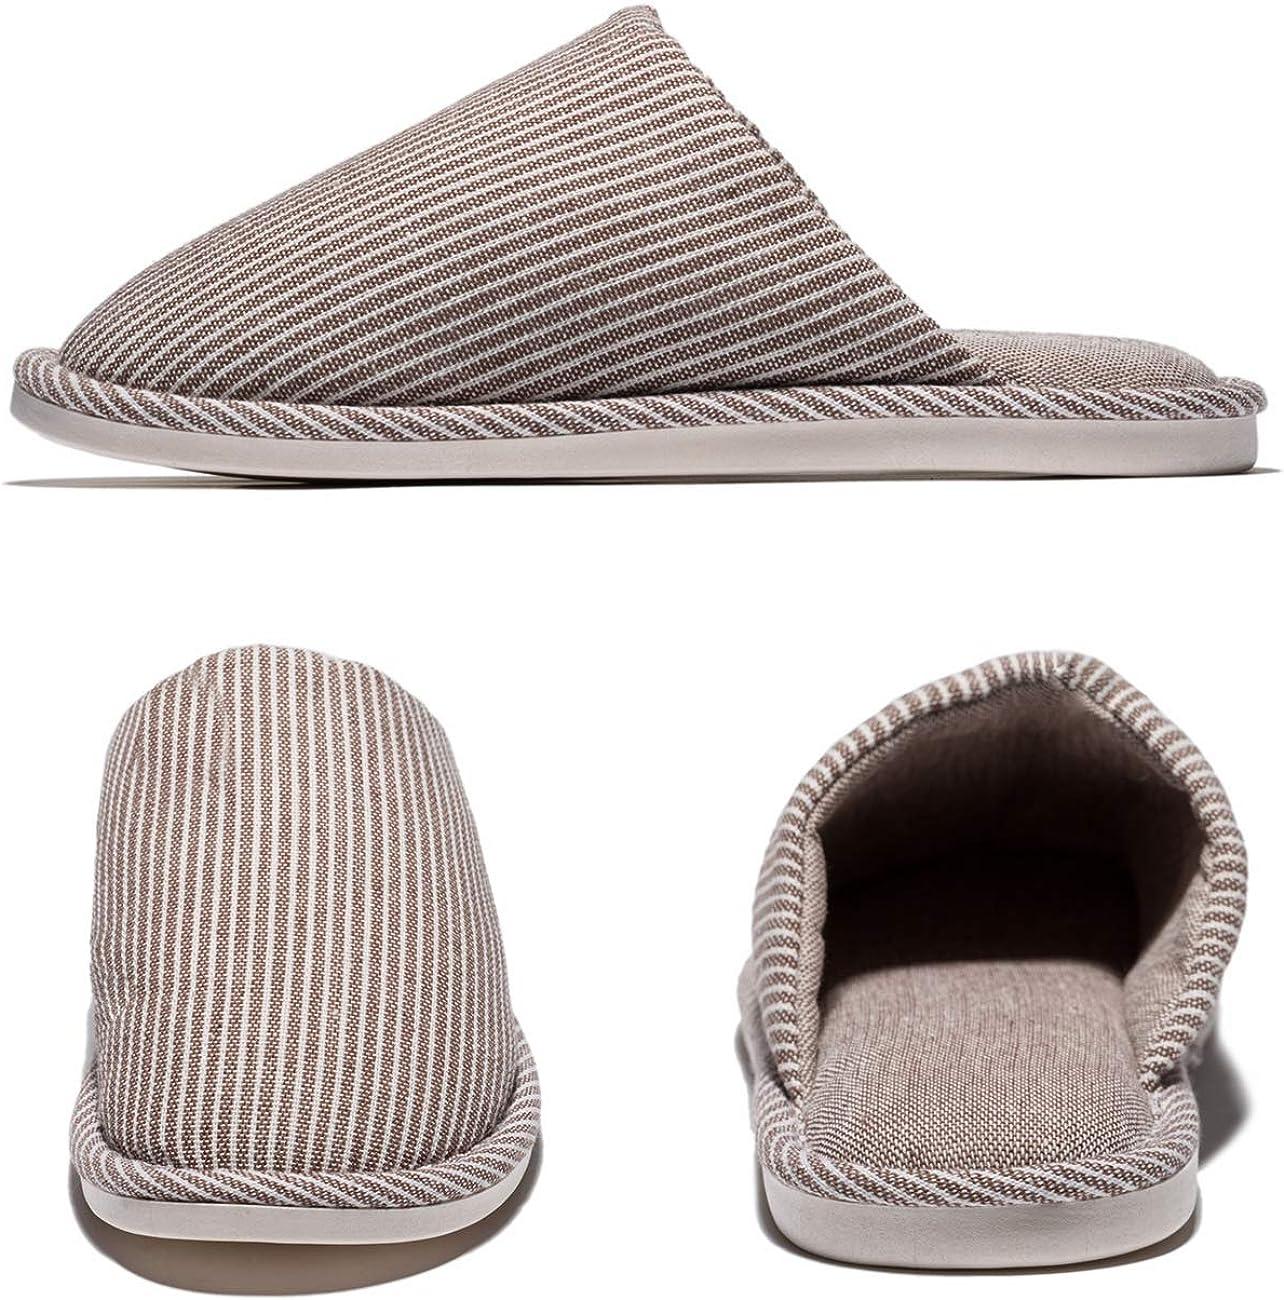 MAYI Pantoufles Chaudes en Lin et Coton pour Hommes Pantoufles dhiver /à Bout ferm/é pour Chaussettes antid/érapantes et /à Semelle Souple